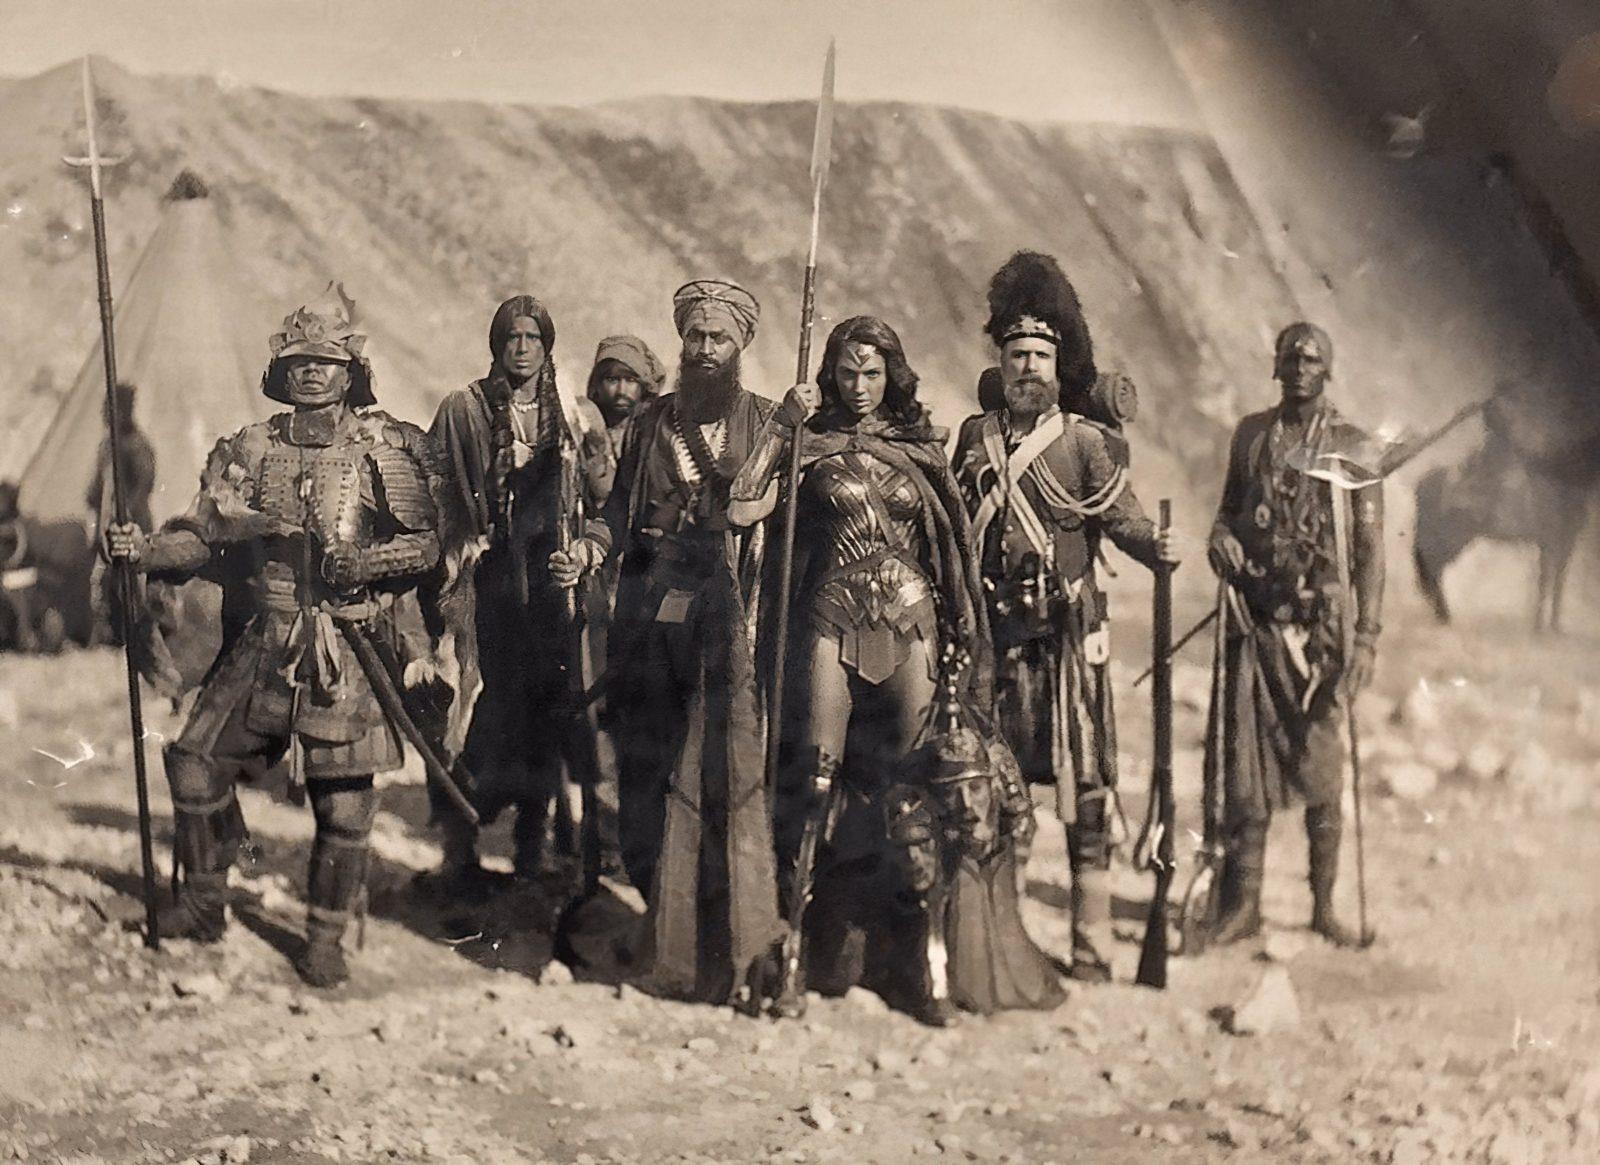 Зак Снайдер показал фотографию из альтернативной истории Чудо-женщины